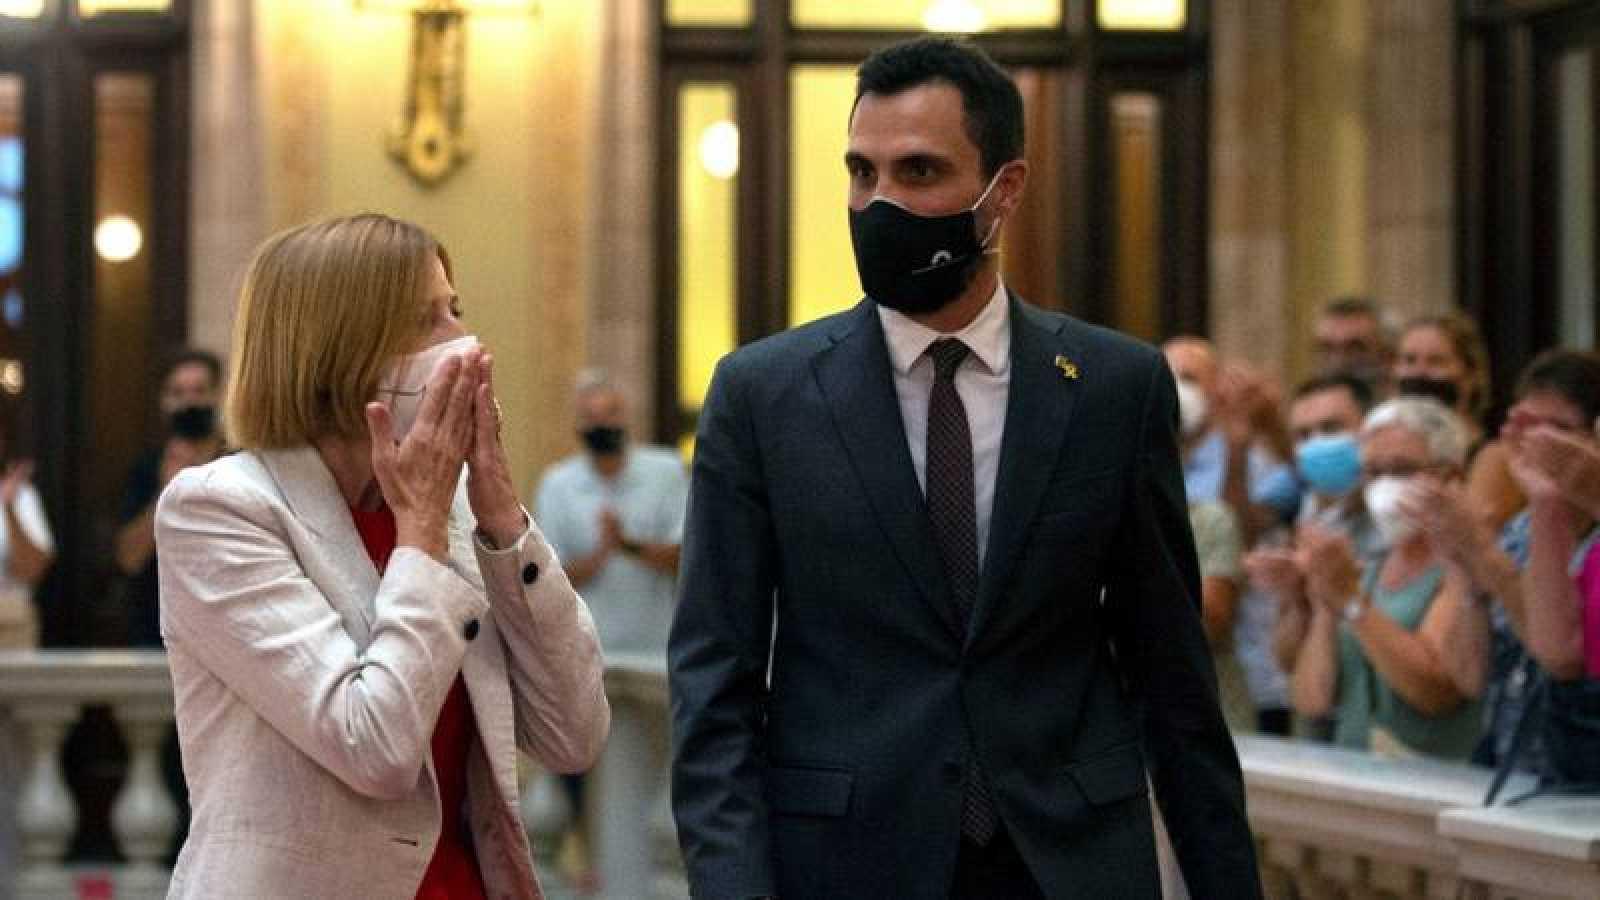 La expresidenta del Parlamento de Cataluña Carme Forcadell acompañada por el actual presidente de la institucion, Roger Torrent